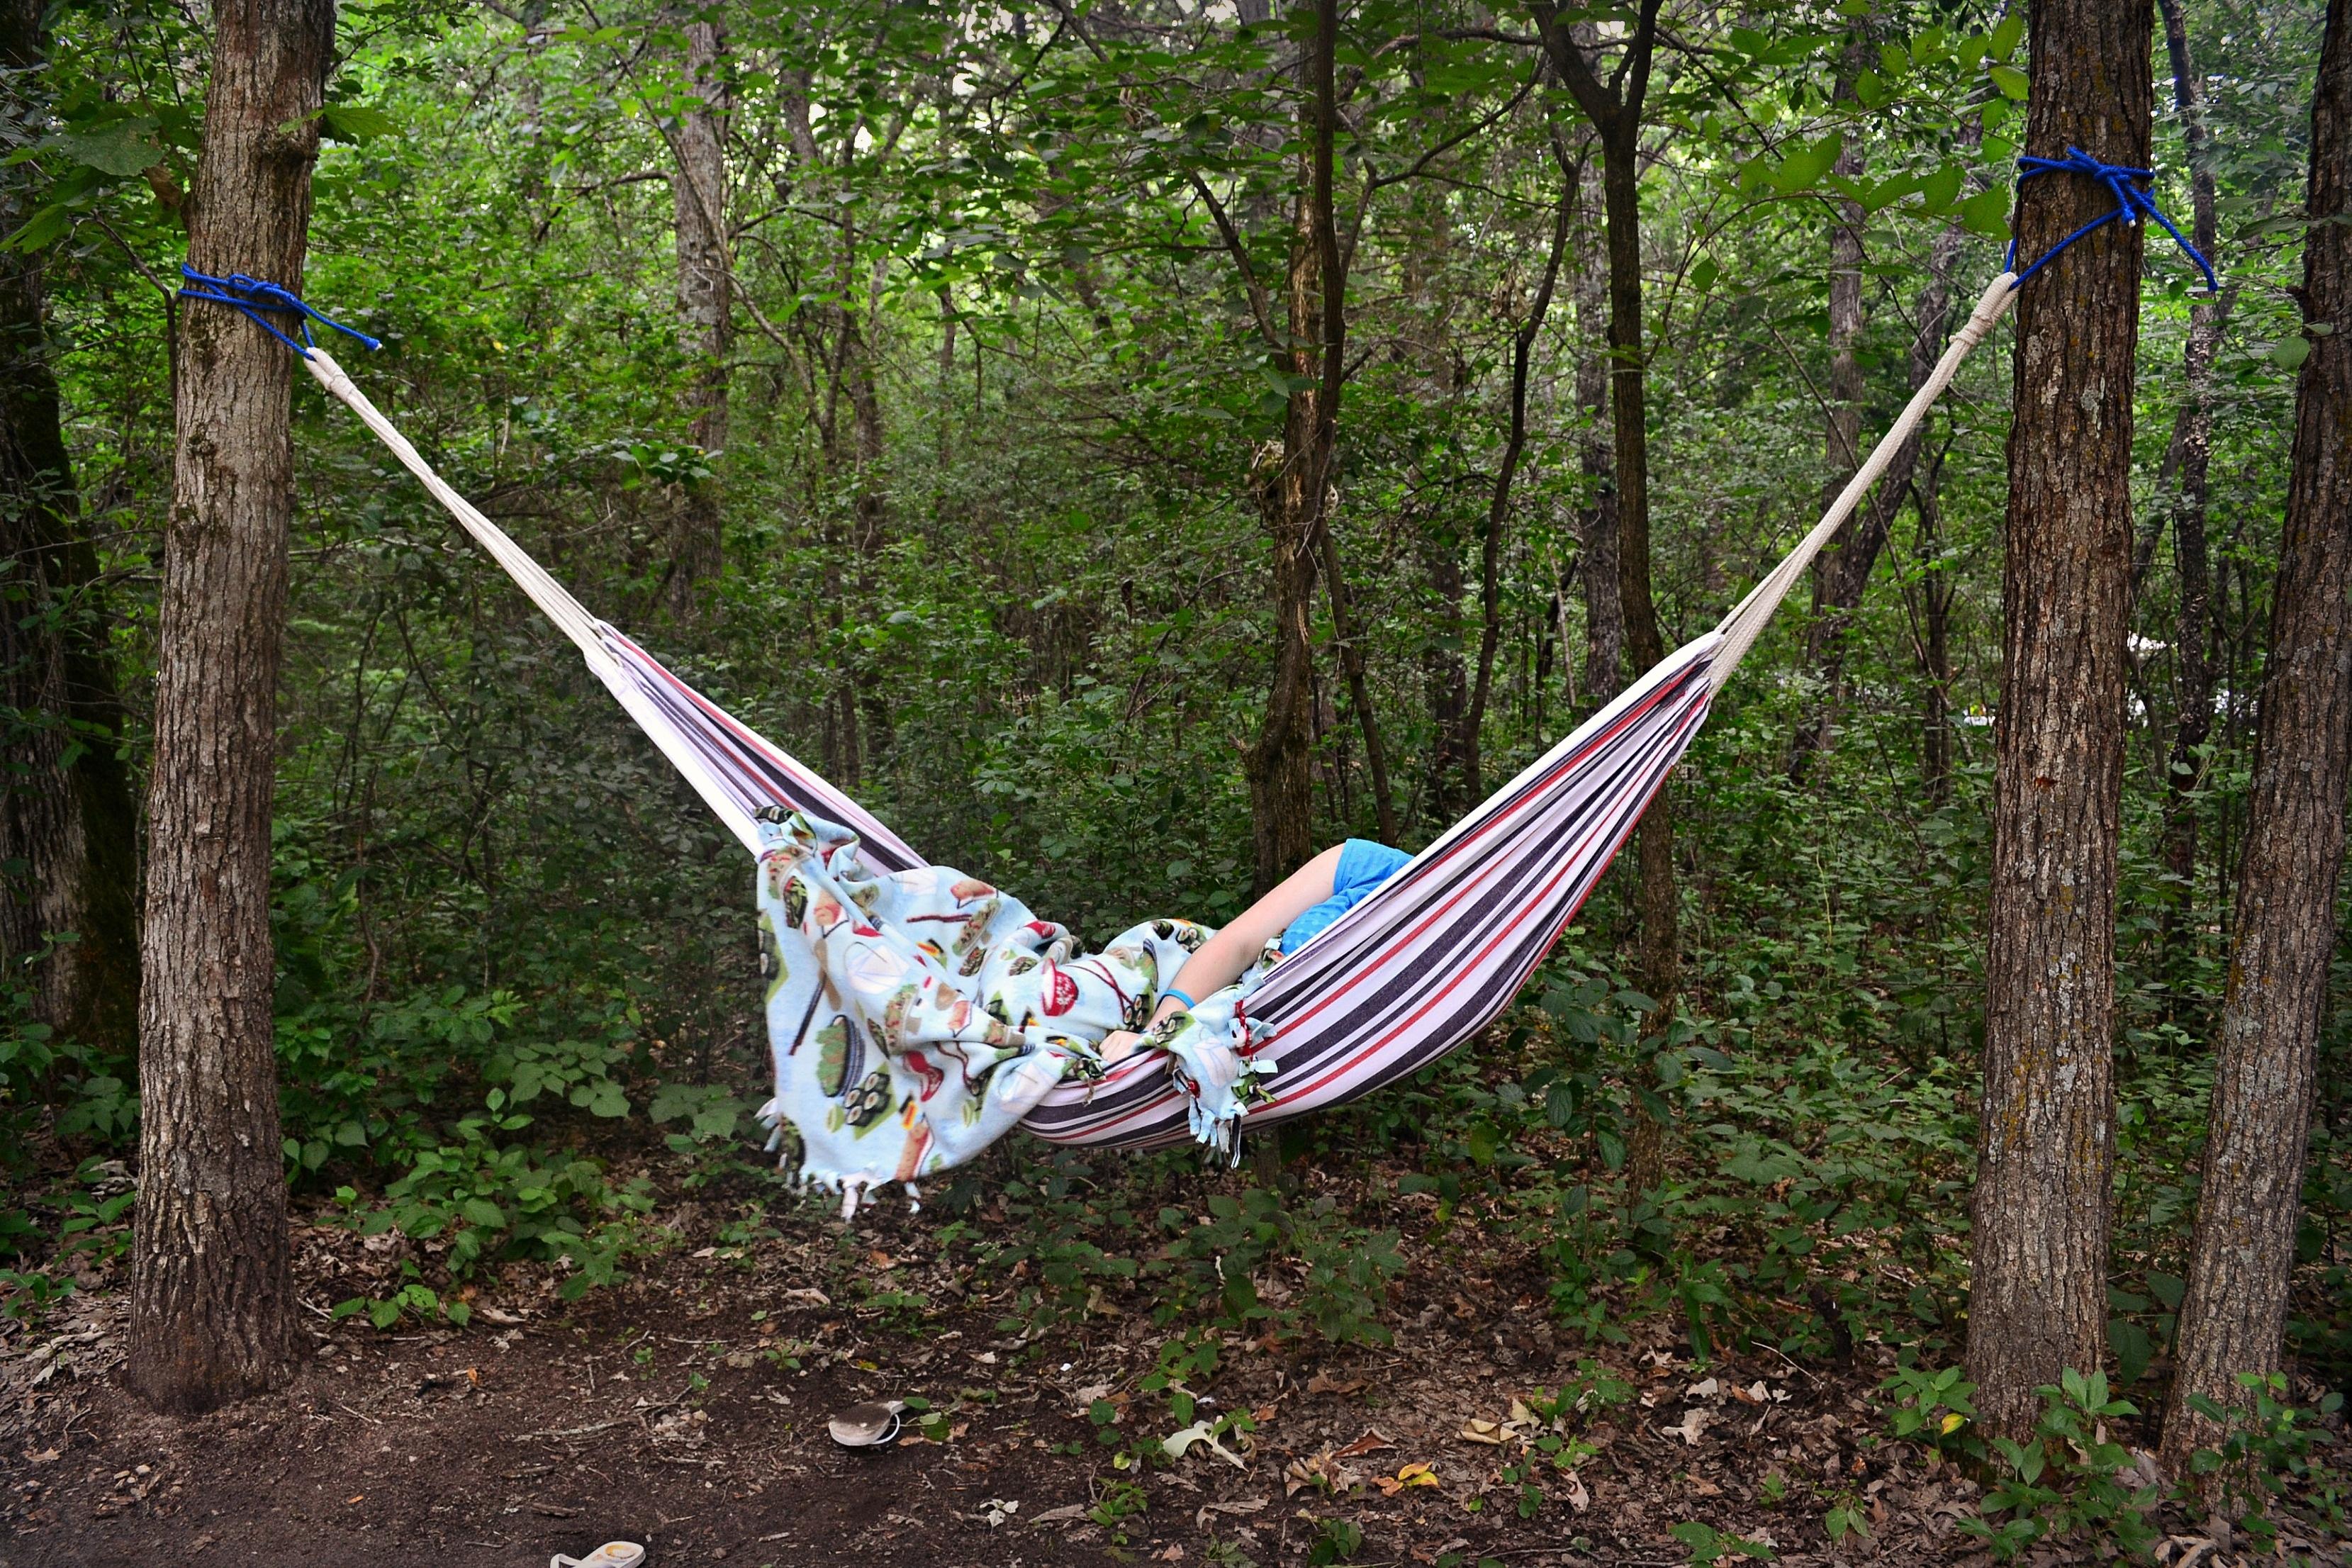 Images Gratuites Fleur été Vacances Camping Hamac Camp Des